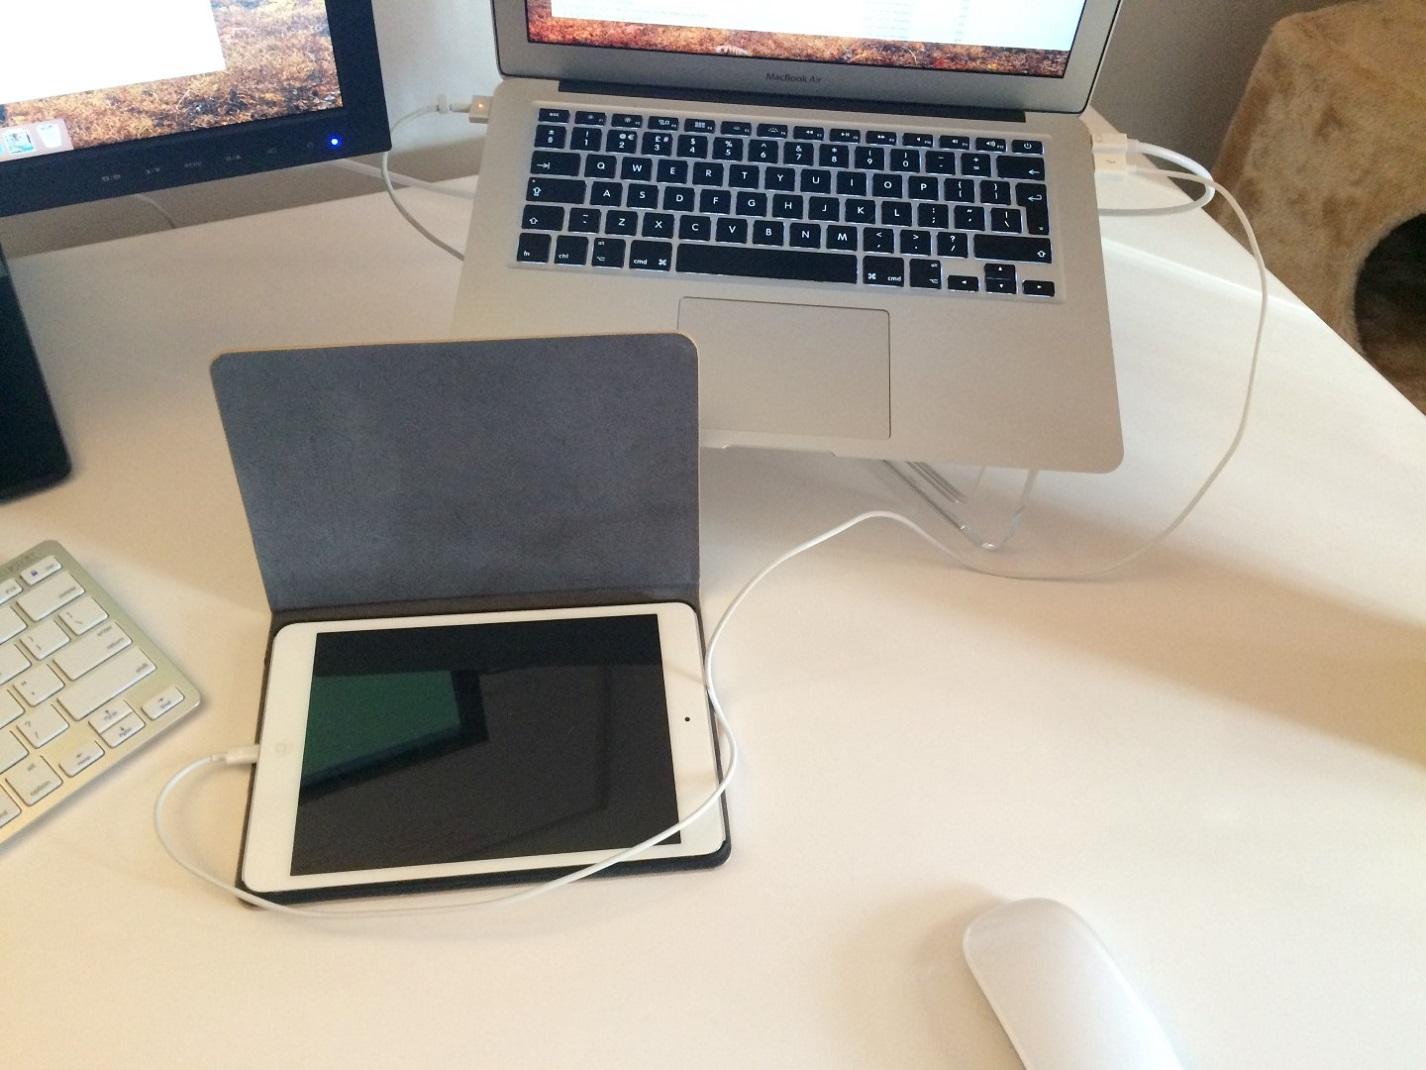 Charging an iPad Mini